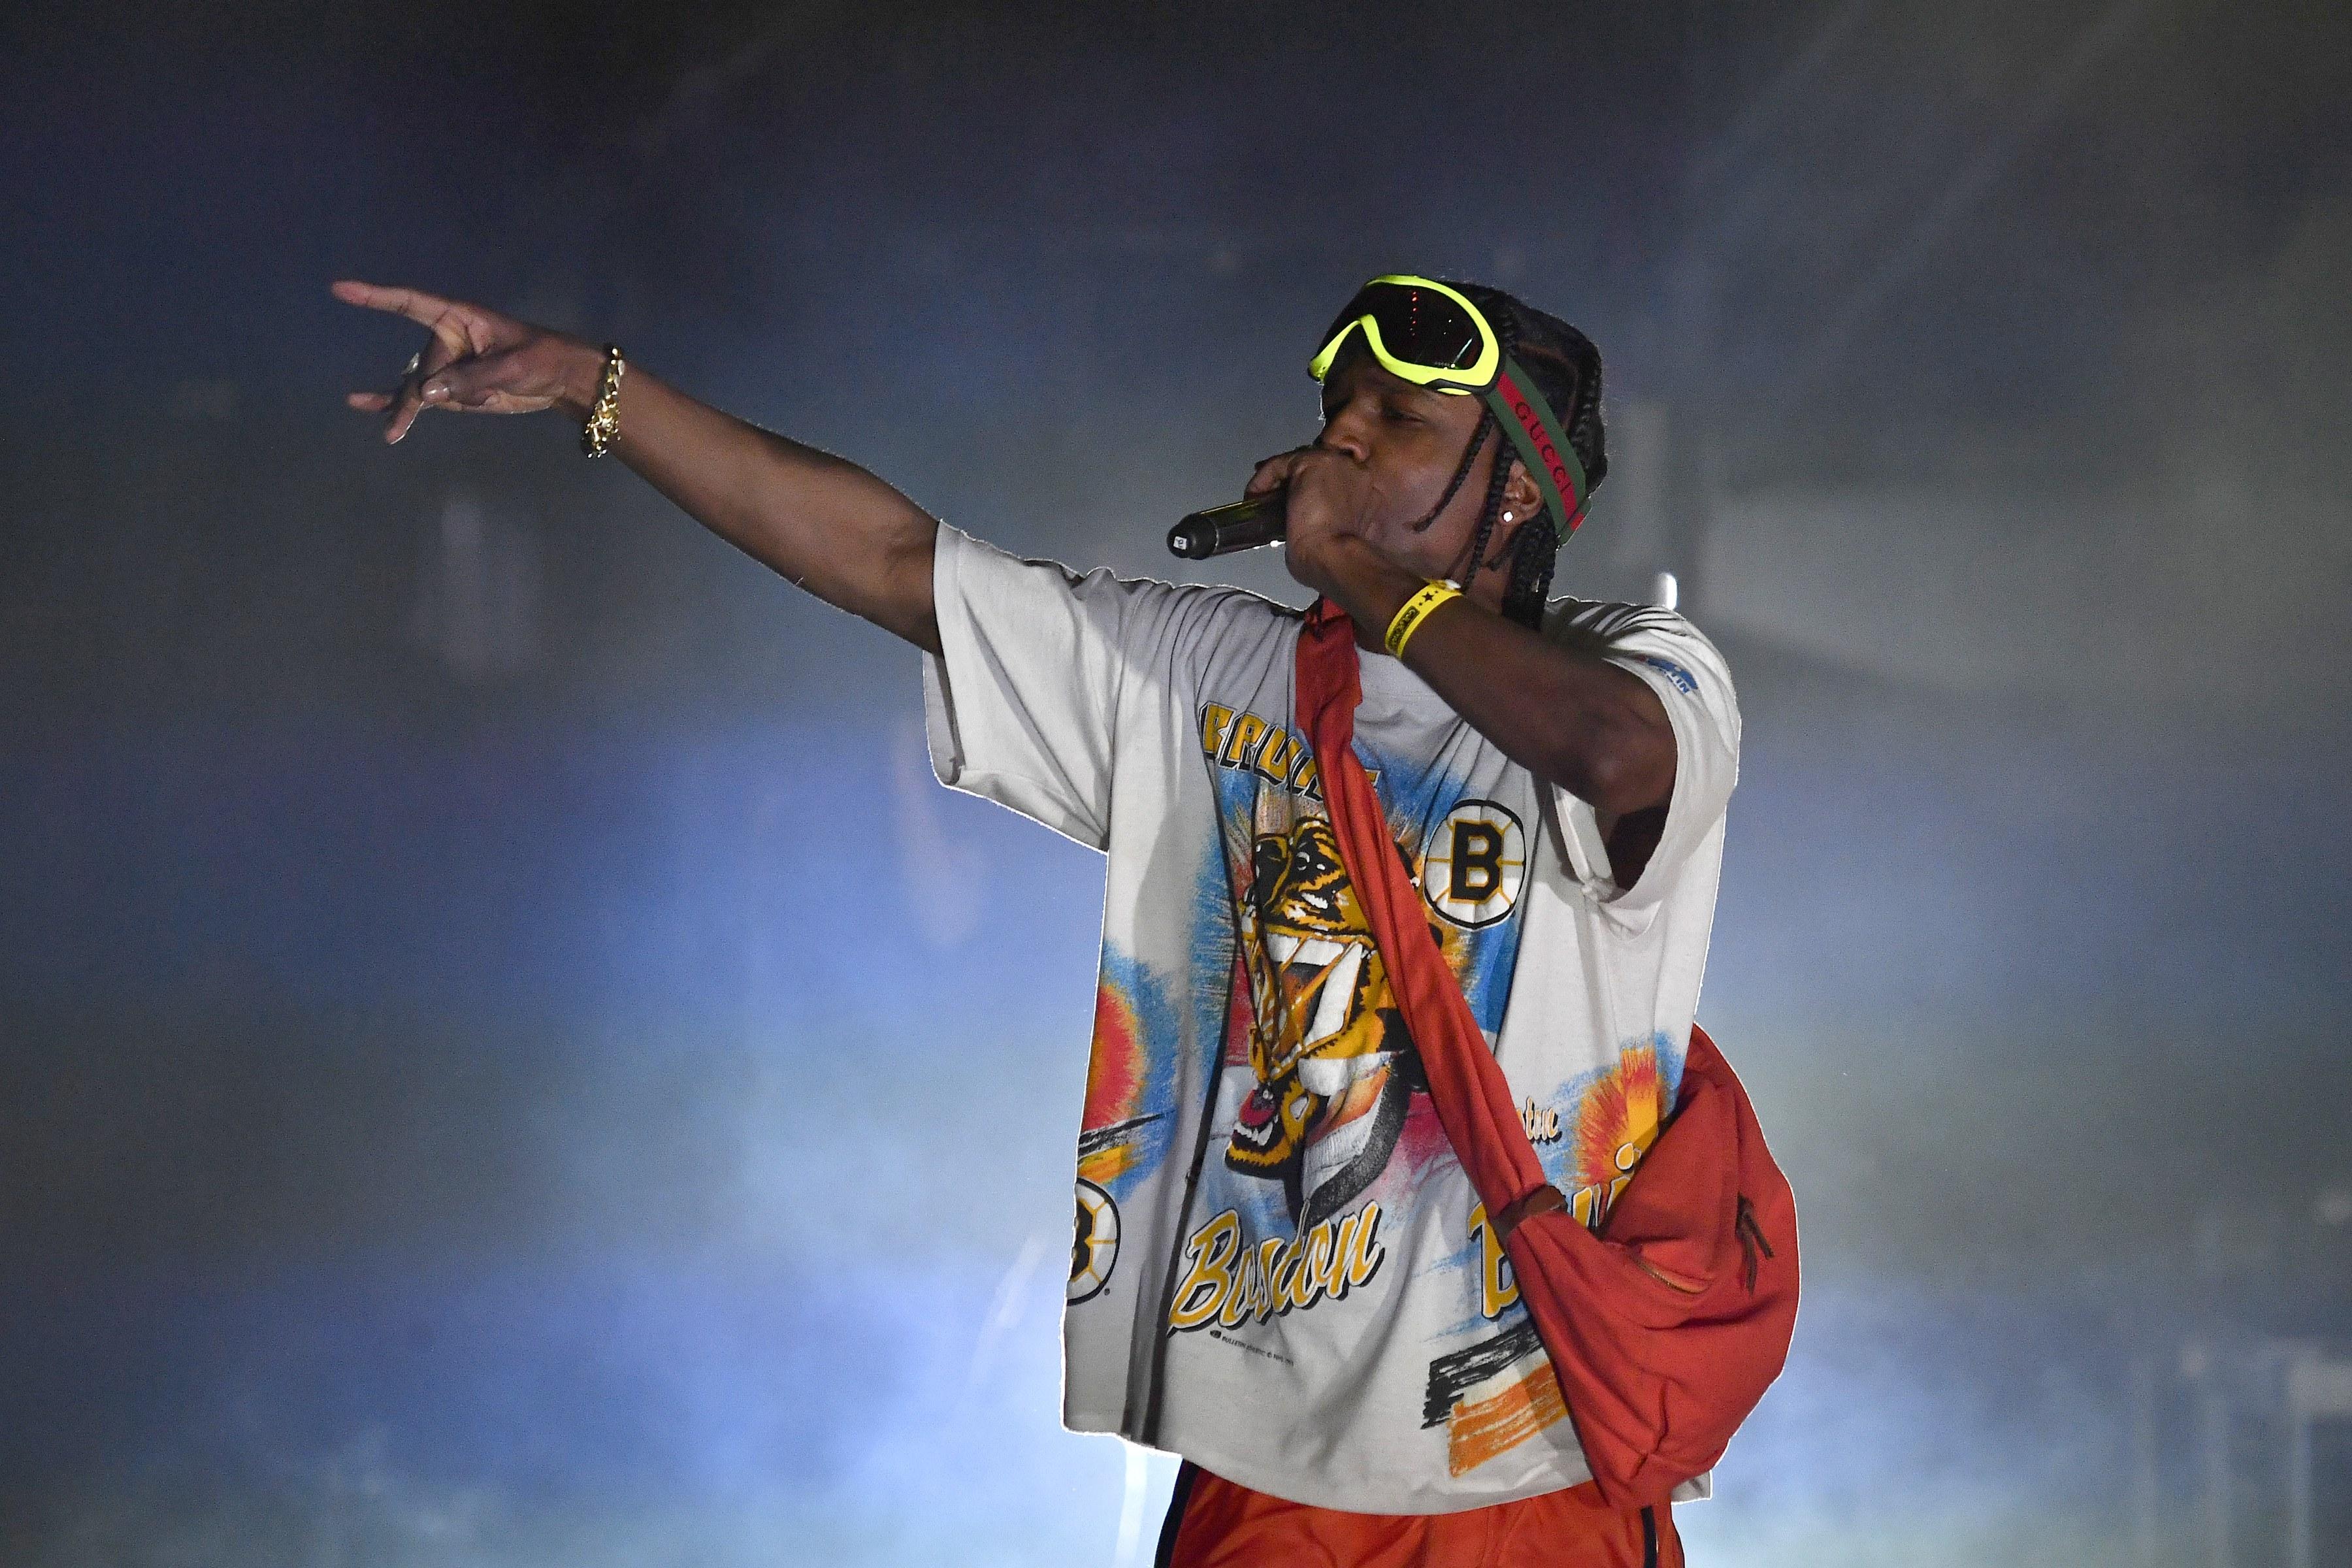 Un nouveau titre pour A$AP Rocky en featuring avec Juicy J et D.R.A.M